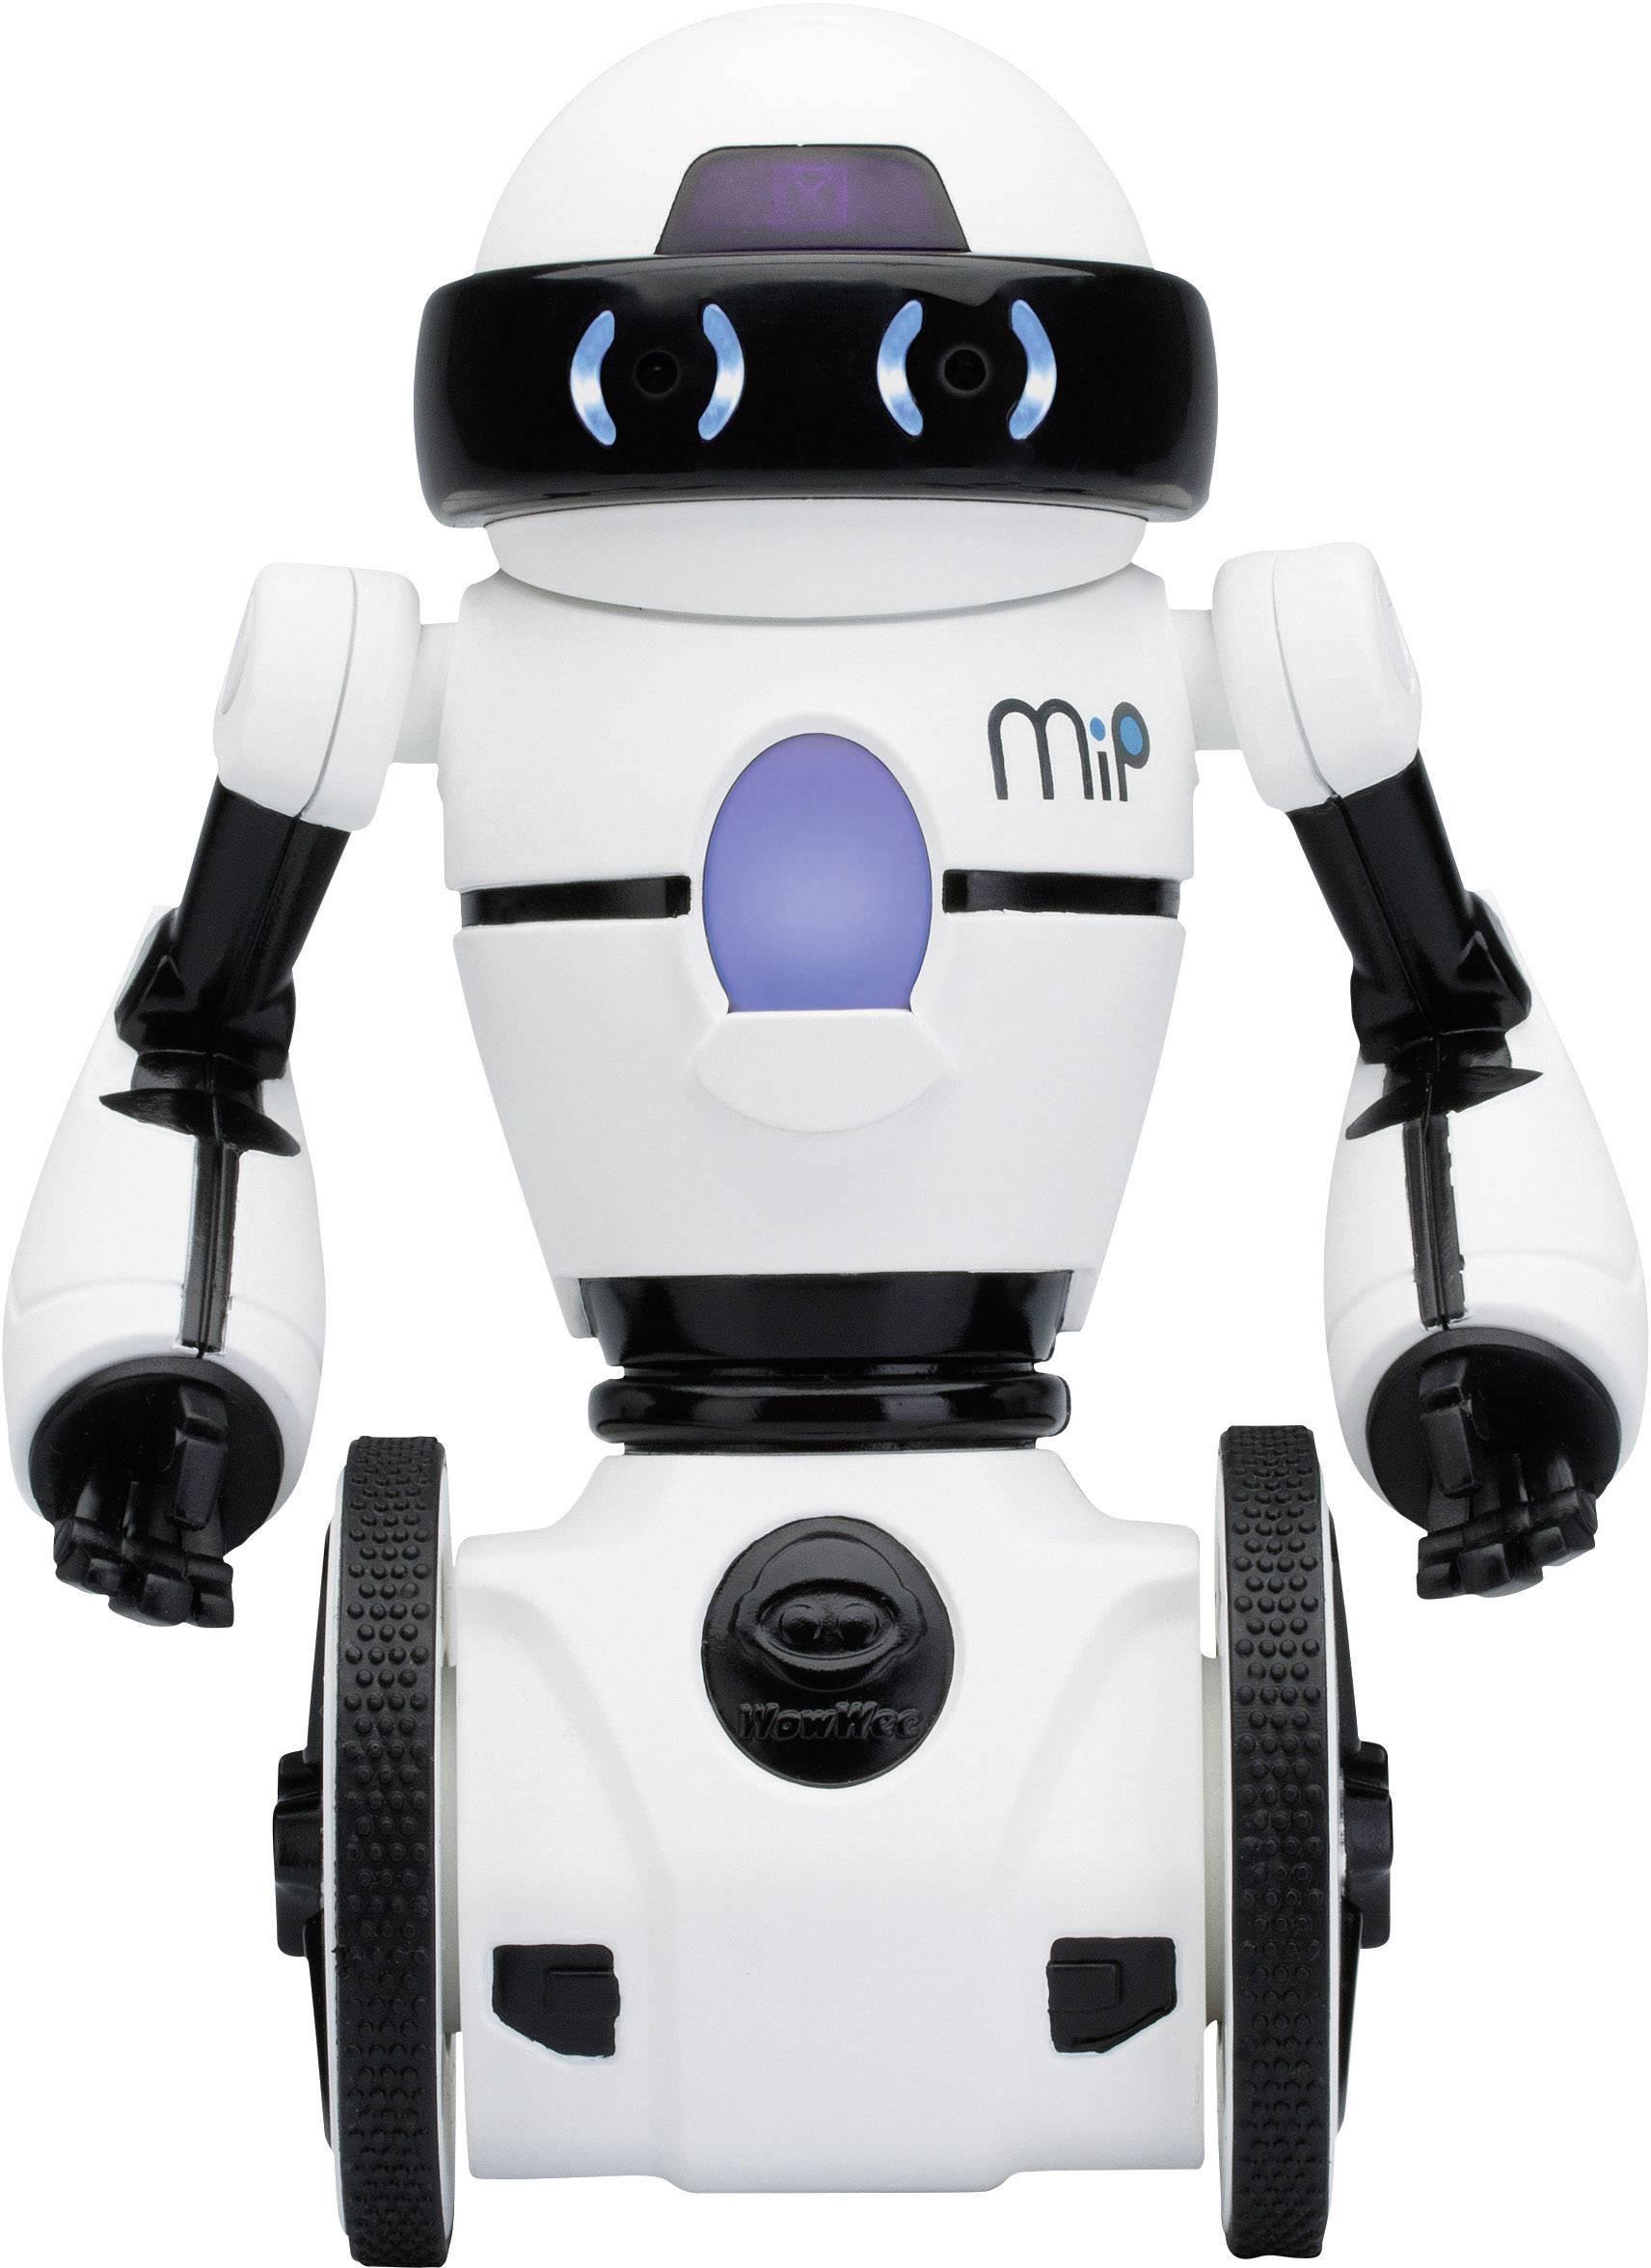 Robotická hračka WowWee Robotics MiP, 0821